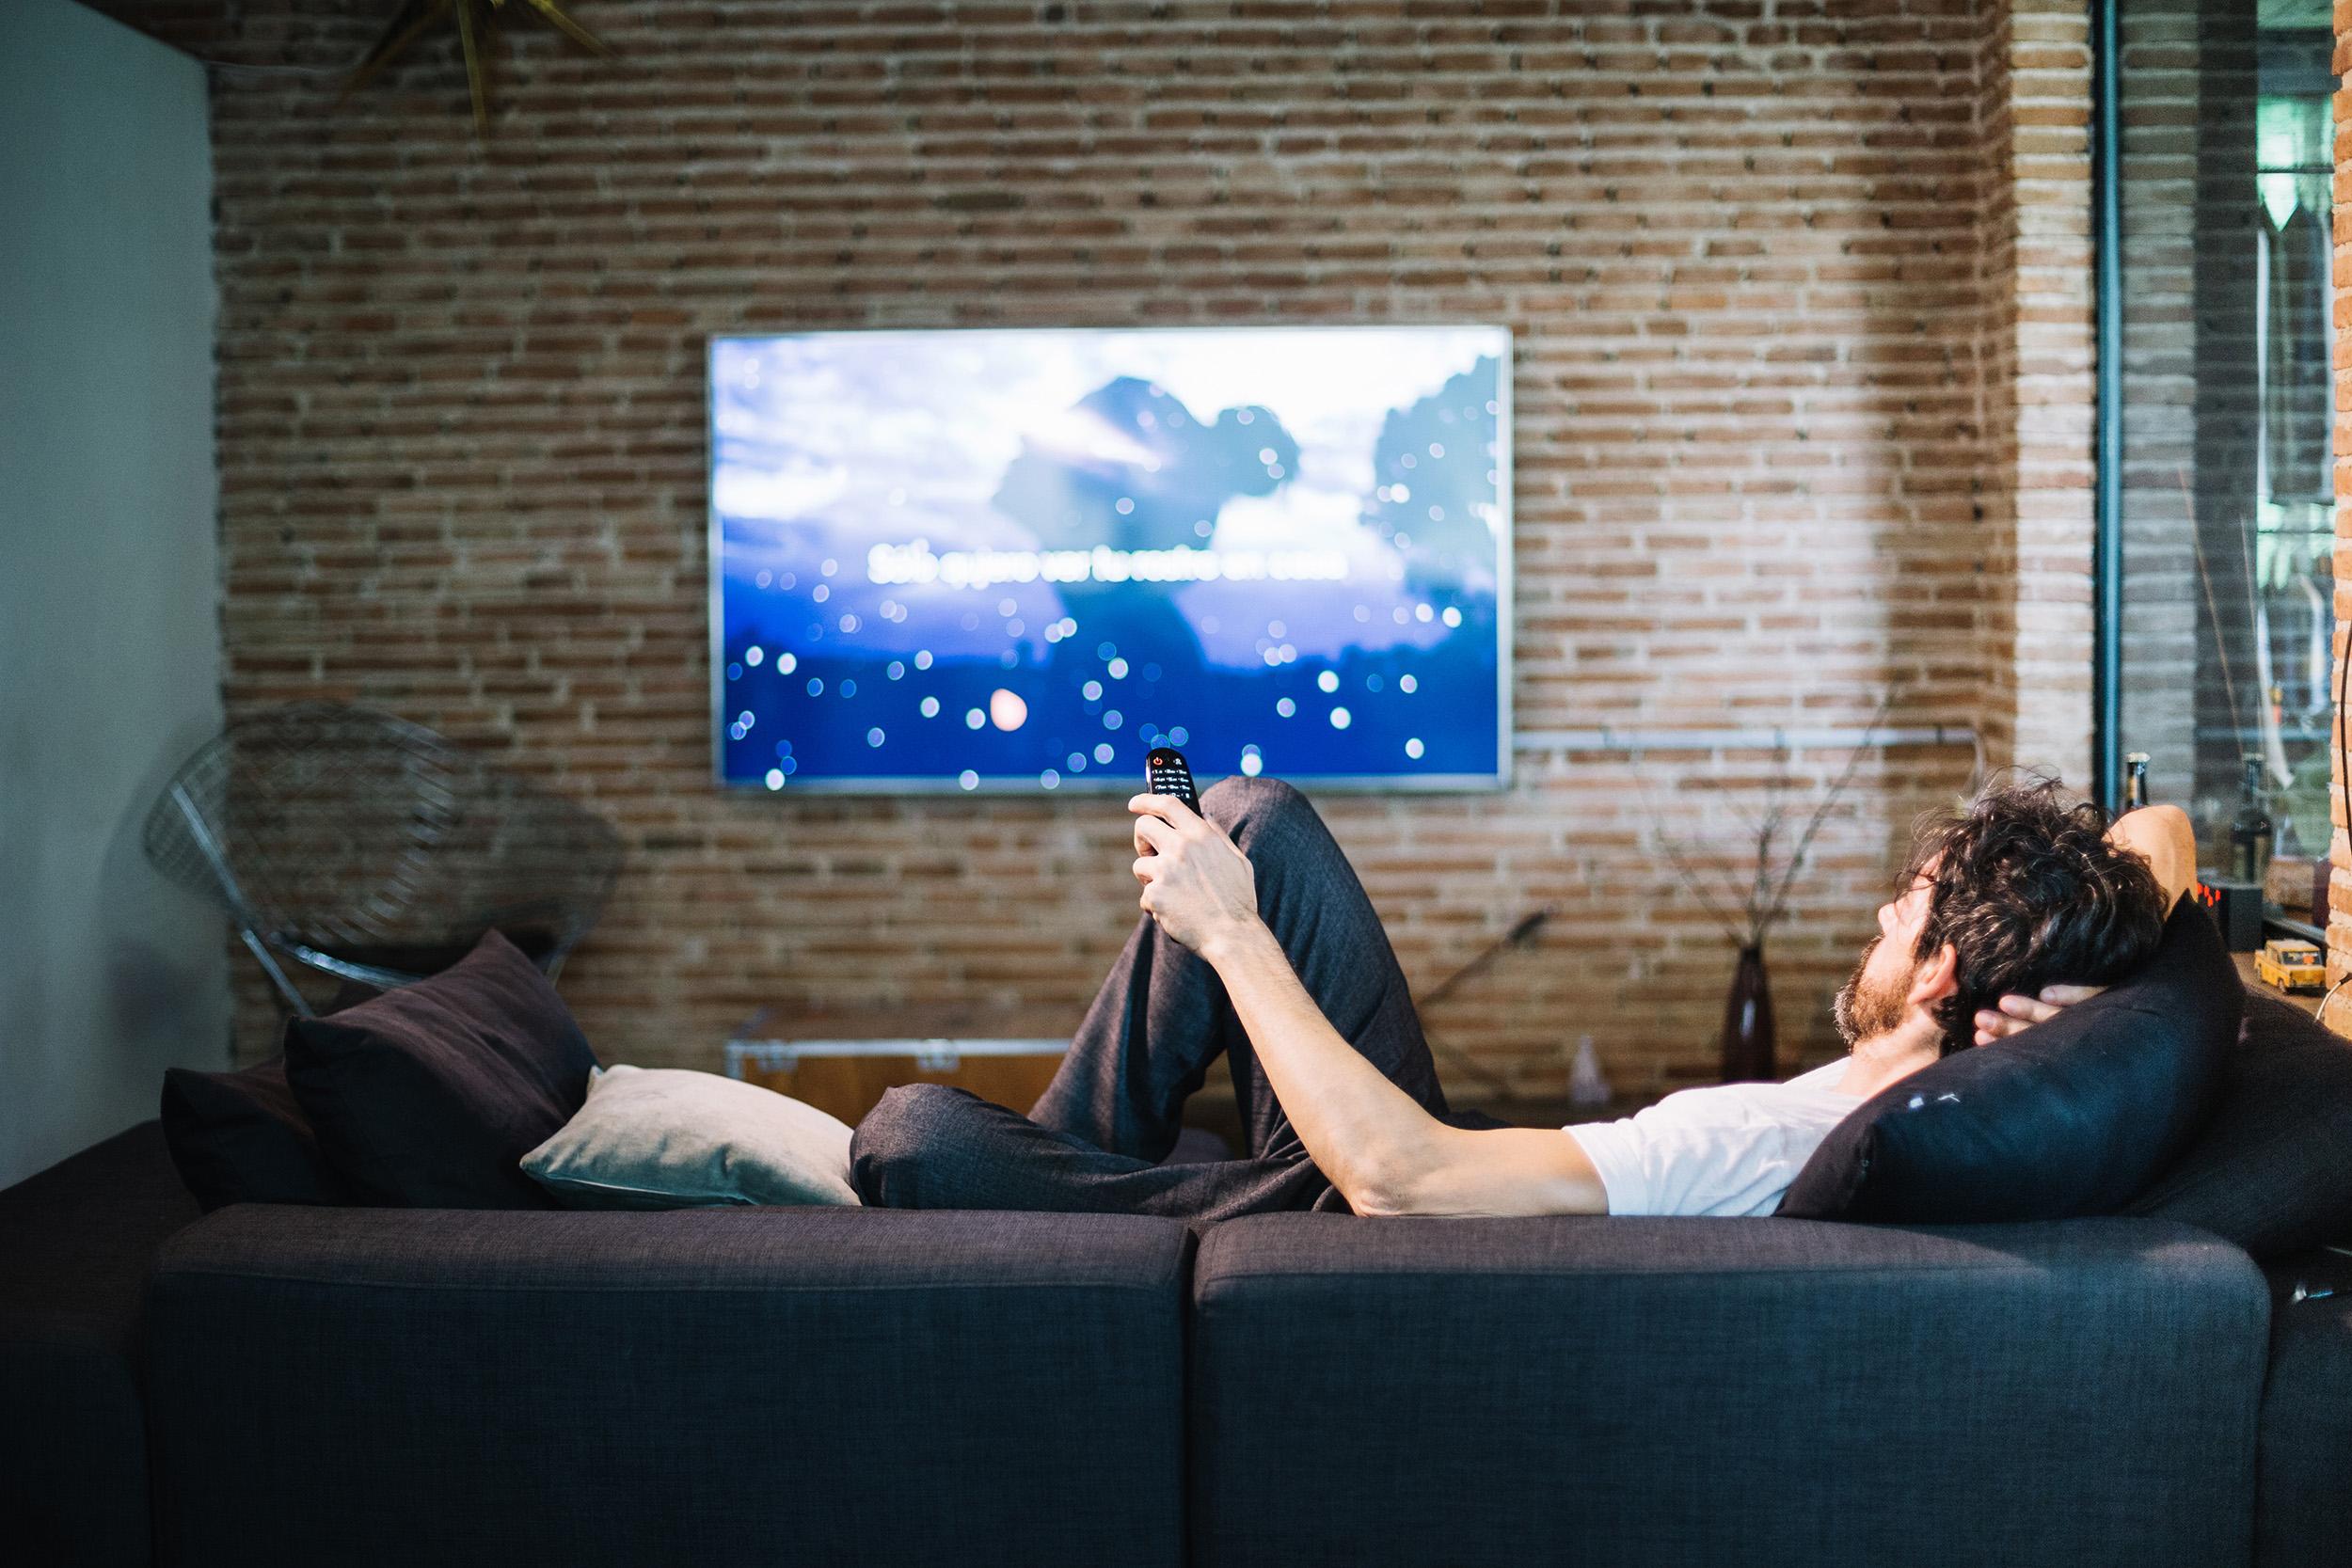 Saveti i preporuke u izboru televizora